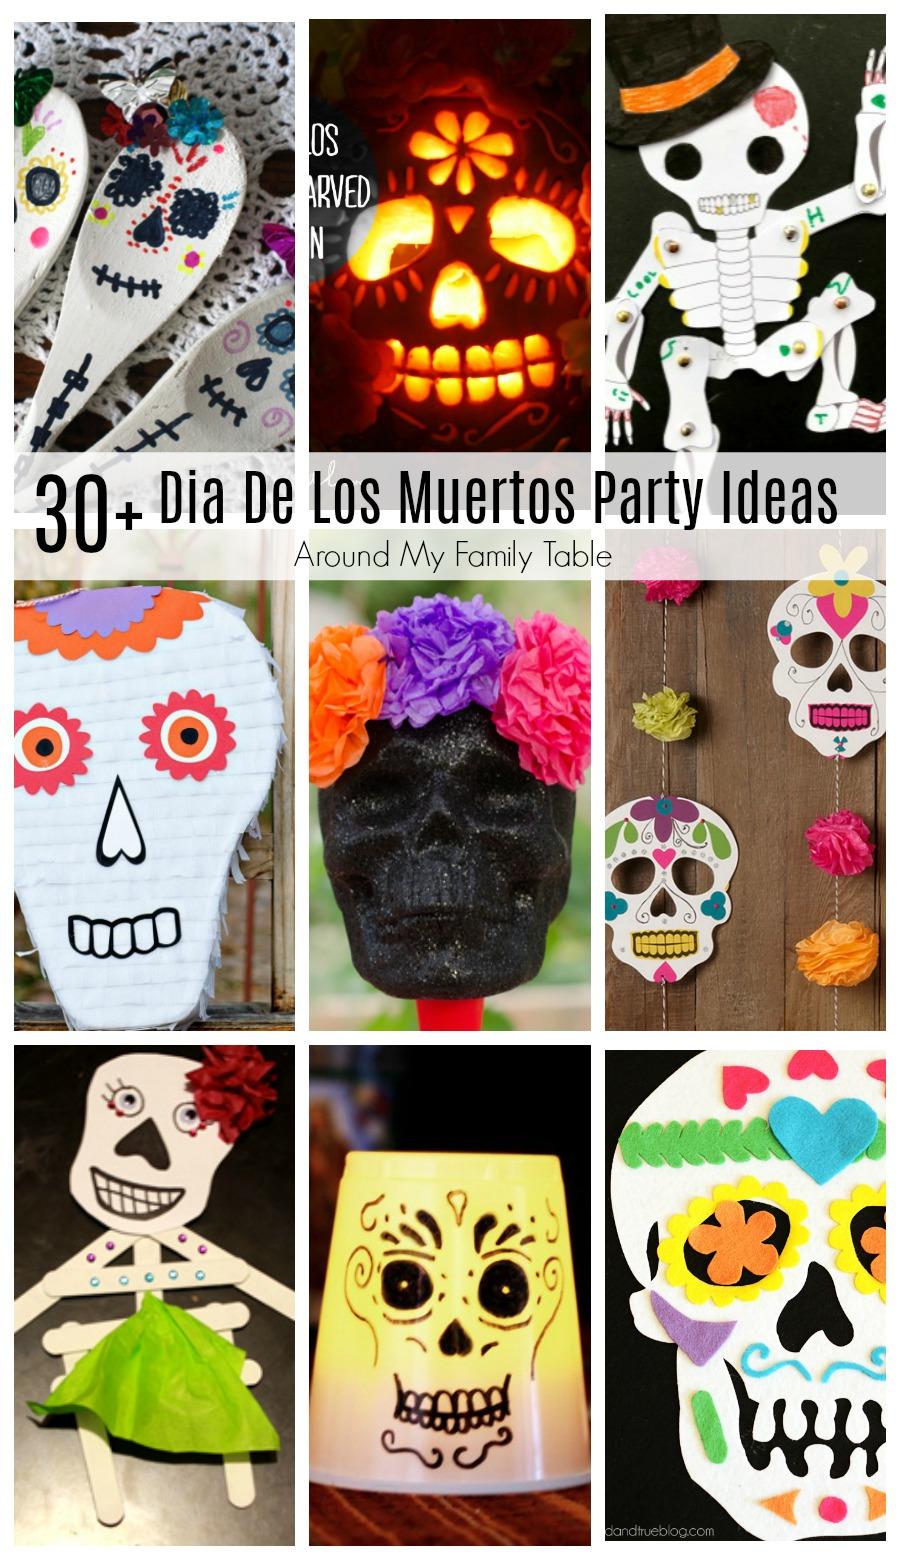 CelebrateDia De Los Muertos (Day of the Dead) with these colorful & festiveDia De Los Muertos Party Ideas.